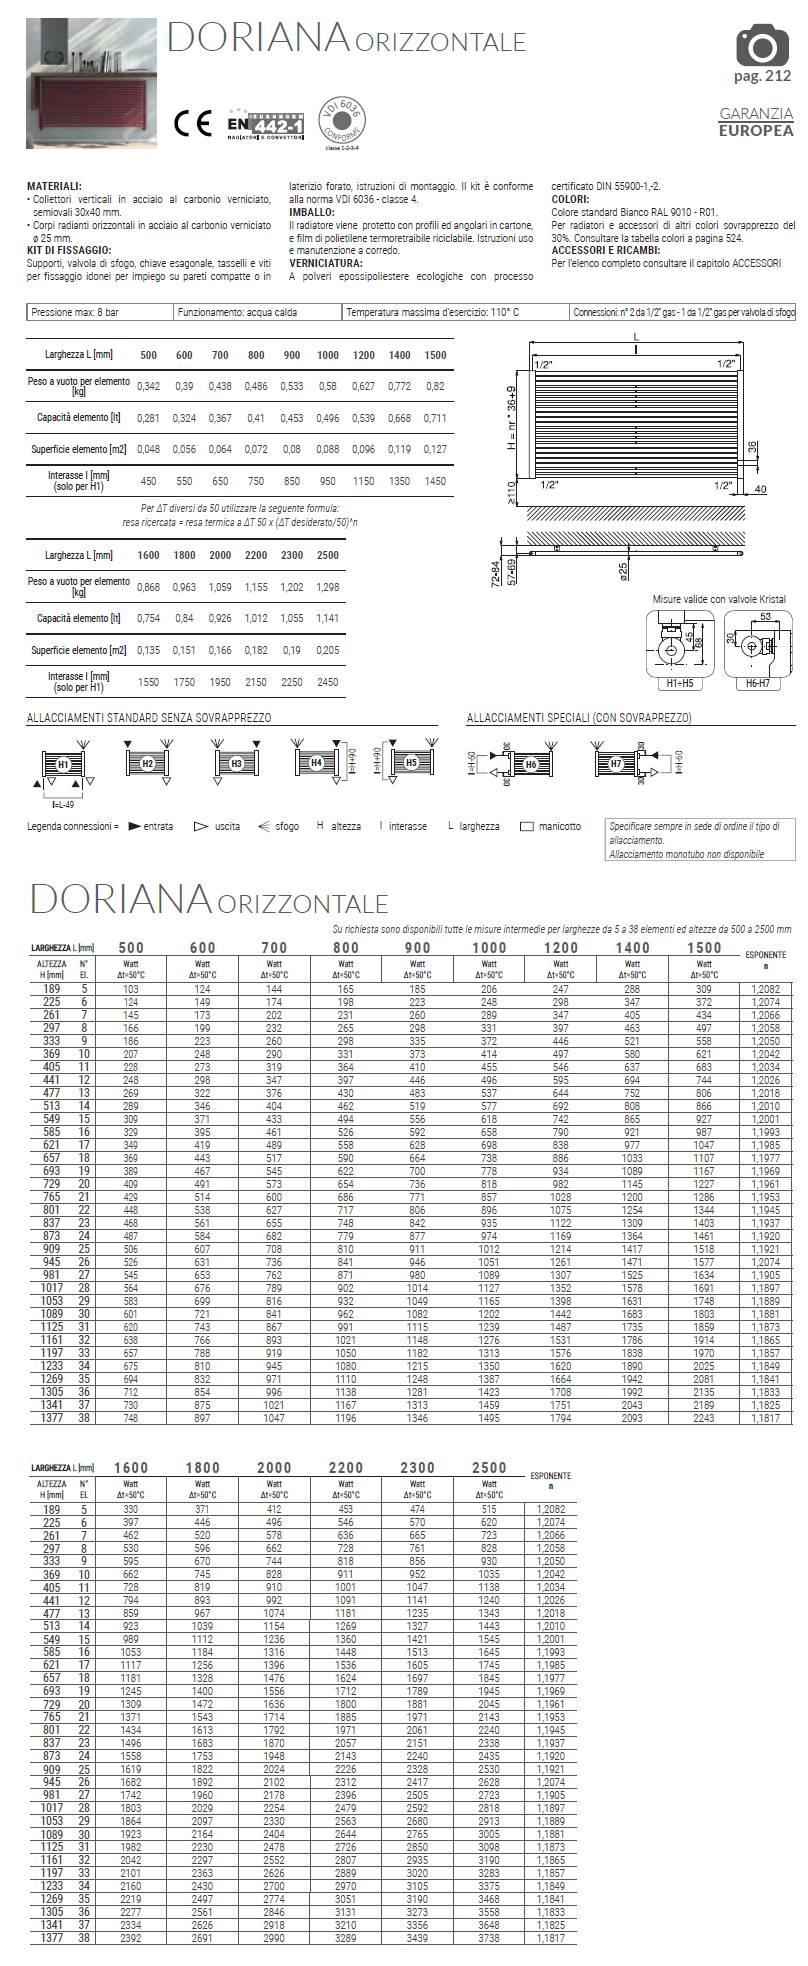 scheda-tenica-termoarredo-scaldasalviette-doriana-orizzontale-cordivari